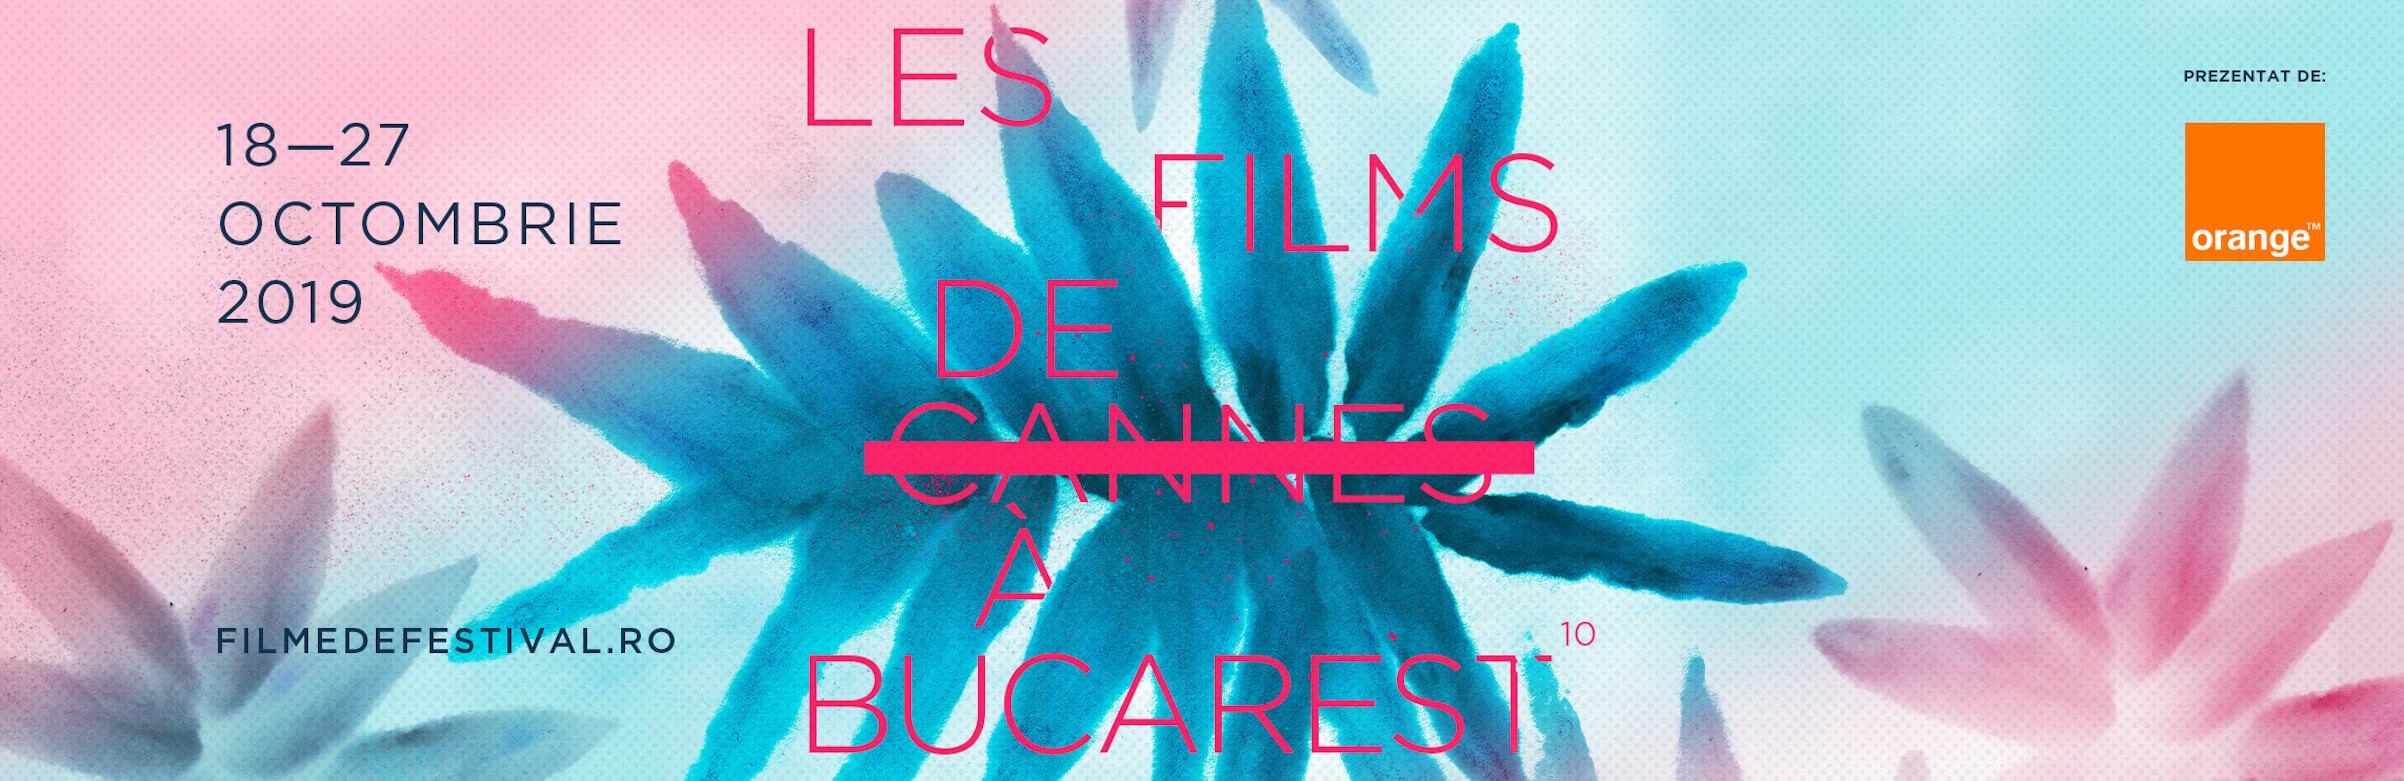 Les Films de Cannes a Bucarest 10